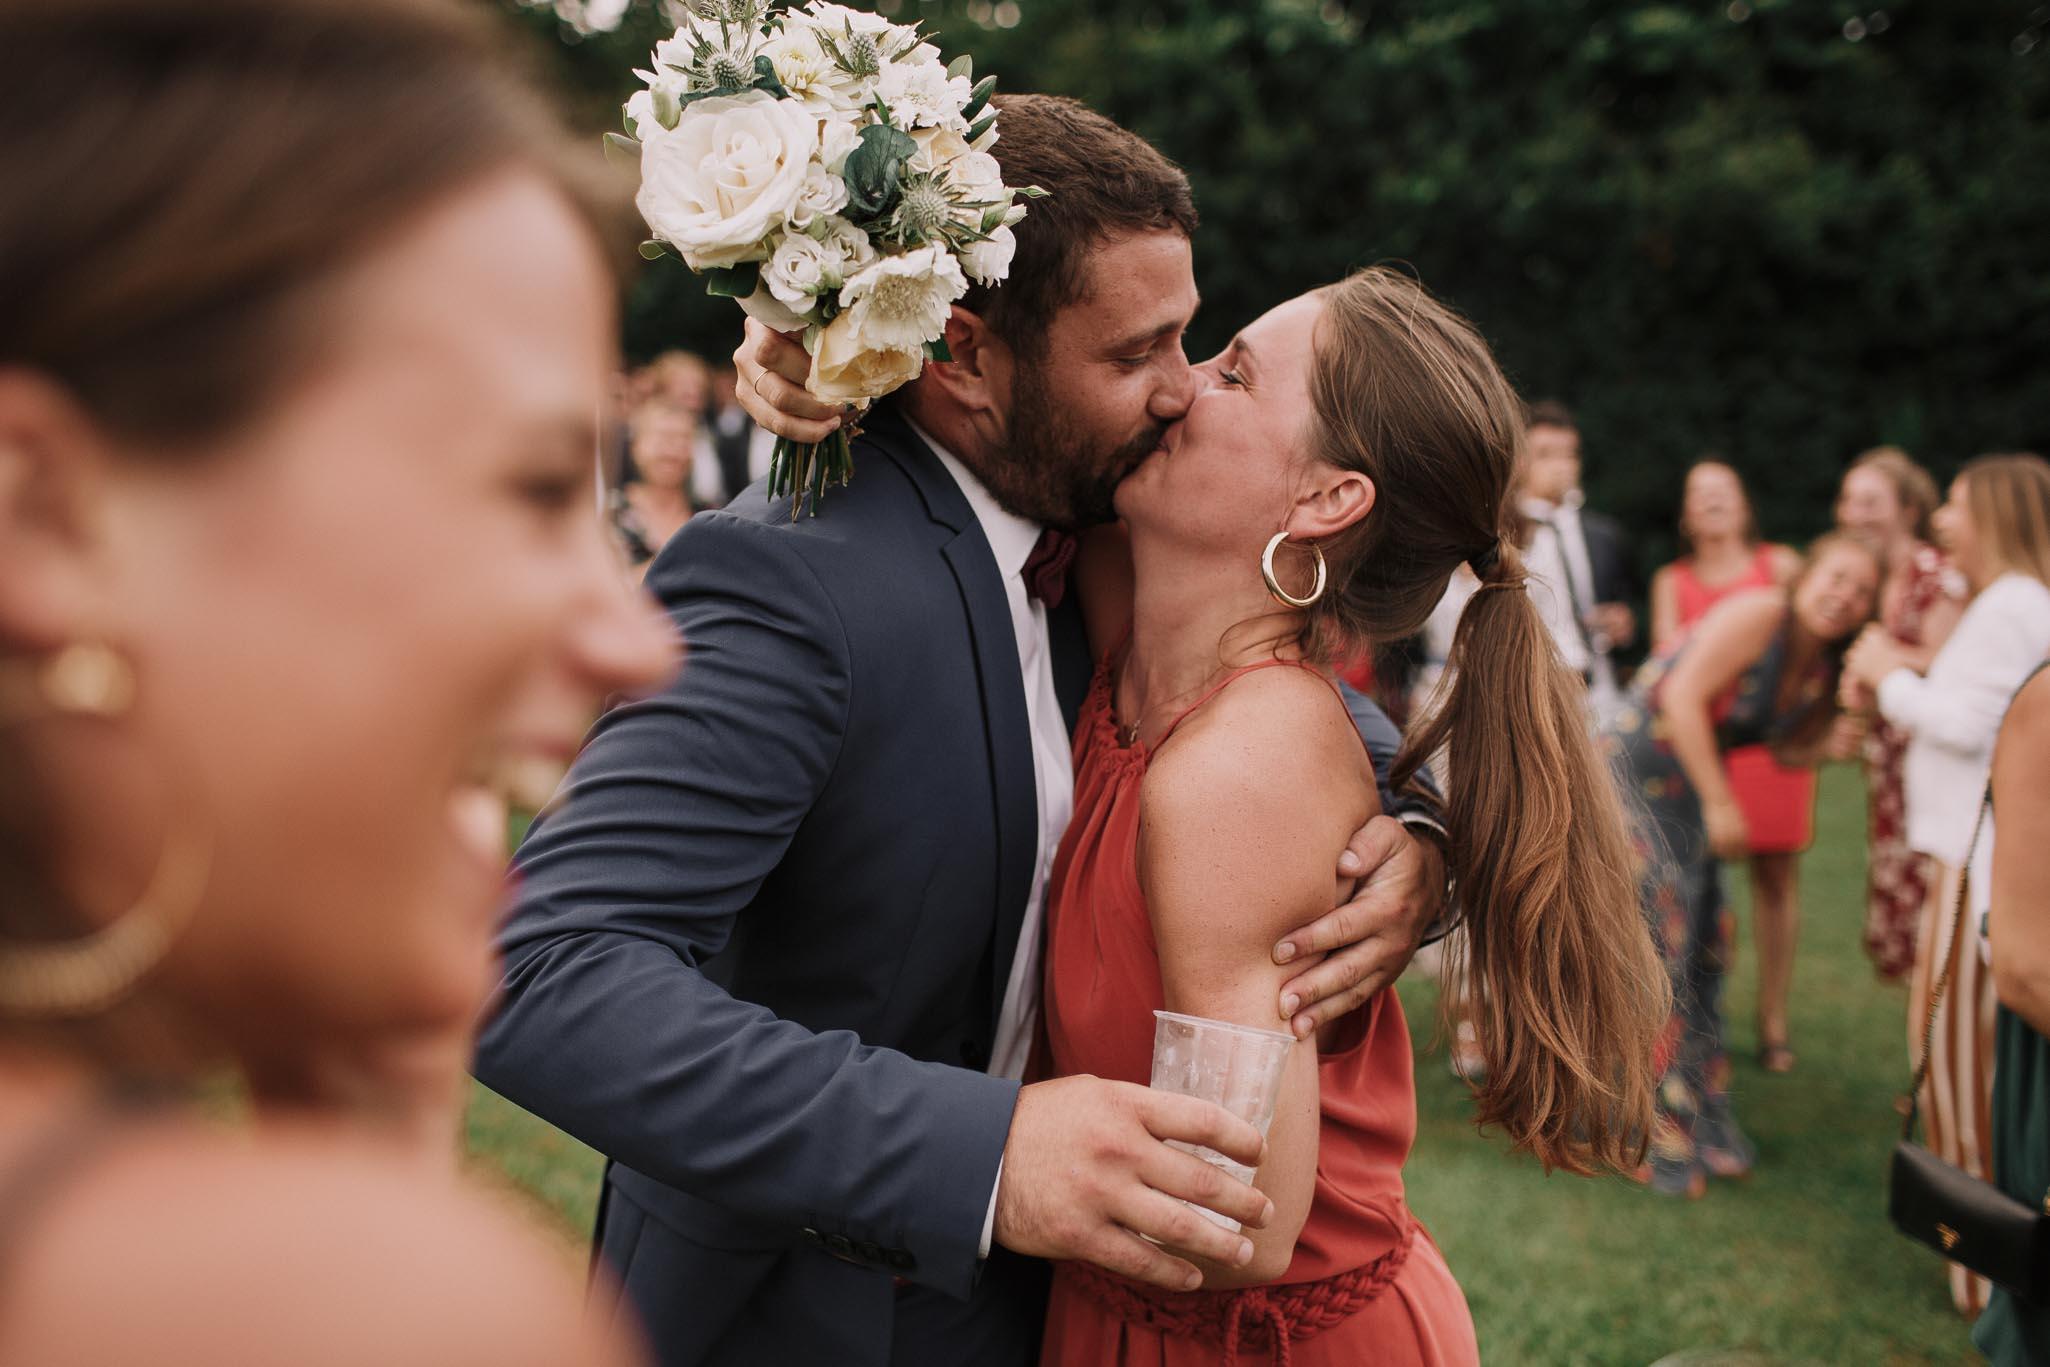 Photographe-mariage-bordeaux-jeremy-boyer-pays-basque-ihartze-artea-sare-robe-eleonore-pauc-couple-amour-145.jpg